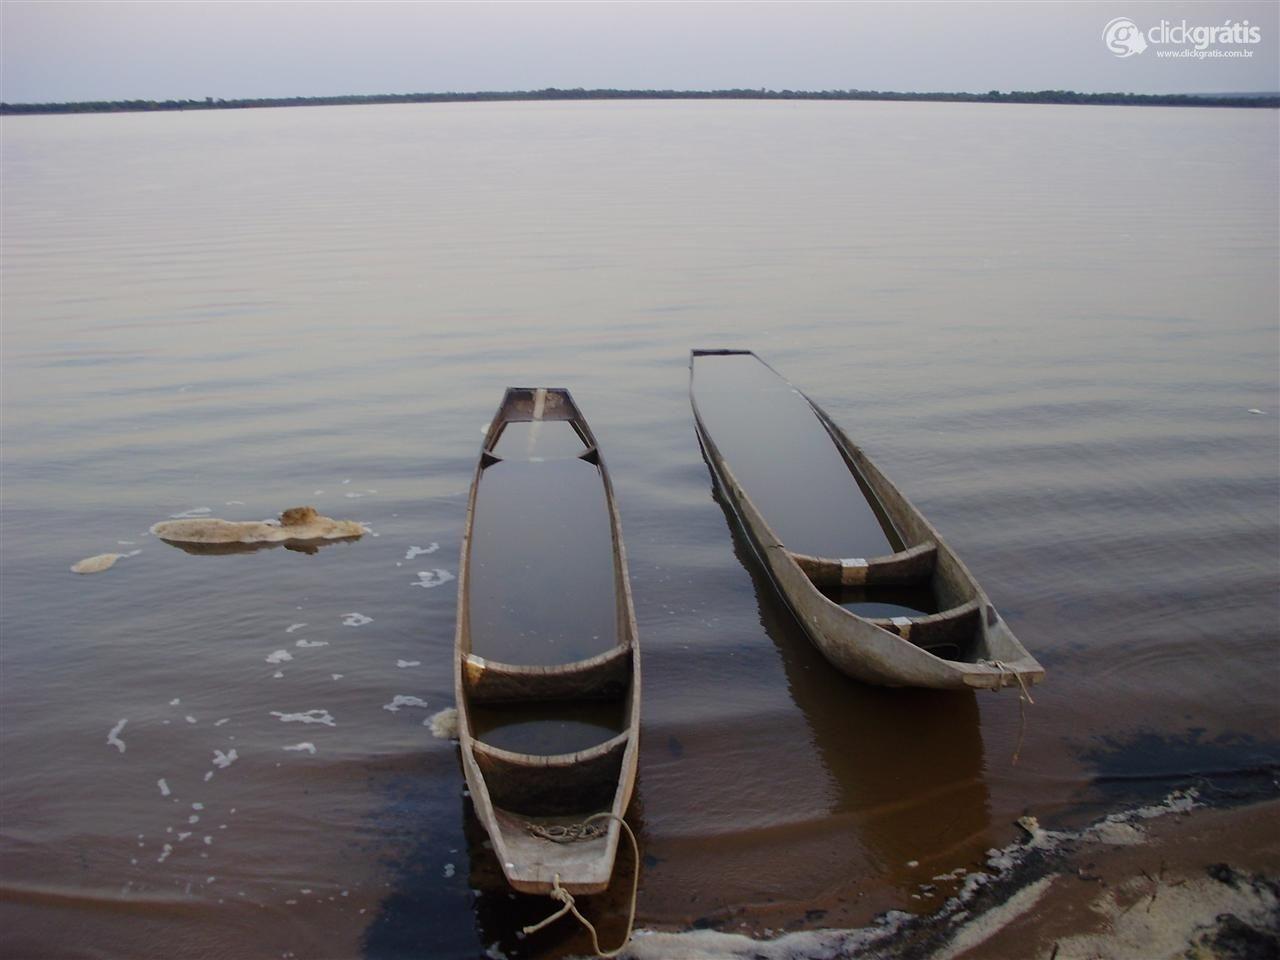 Canoas Pantaneiras